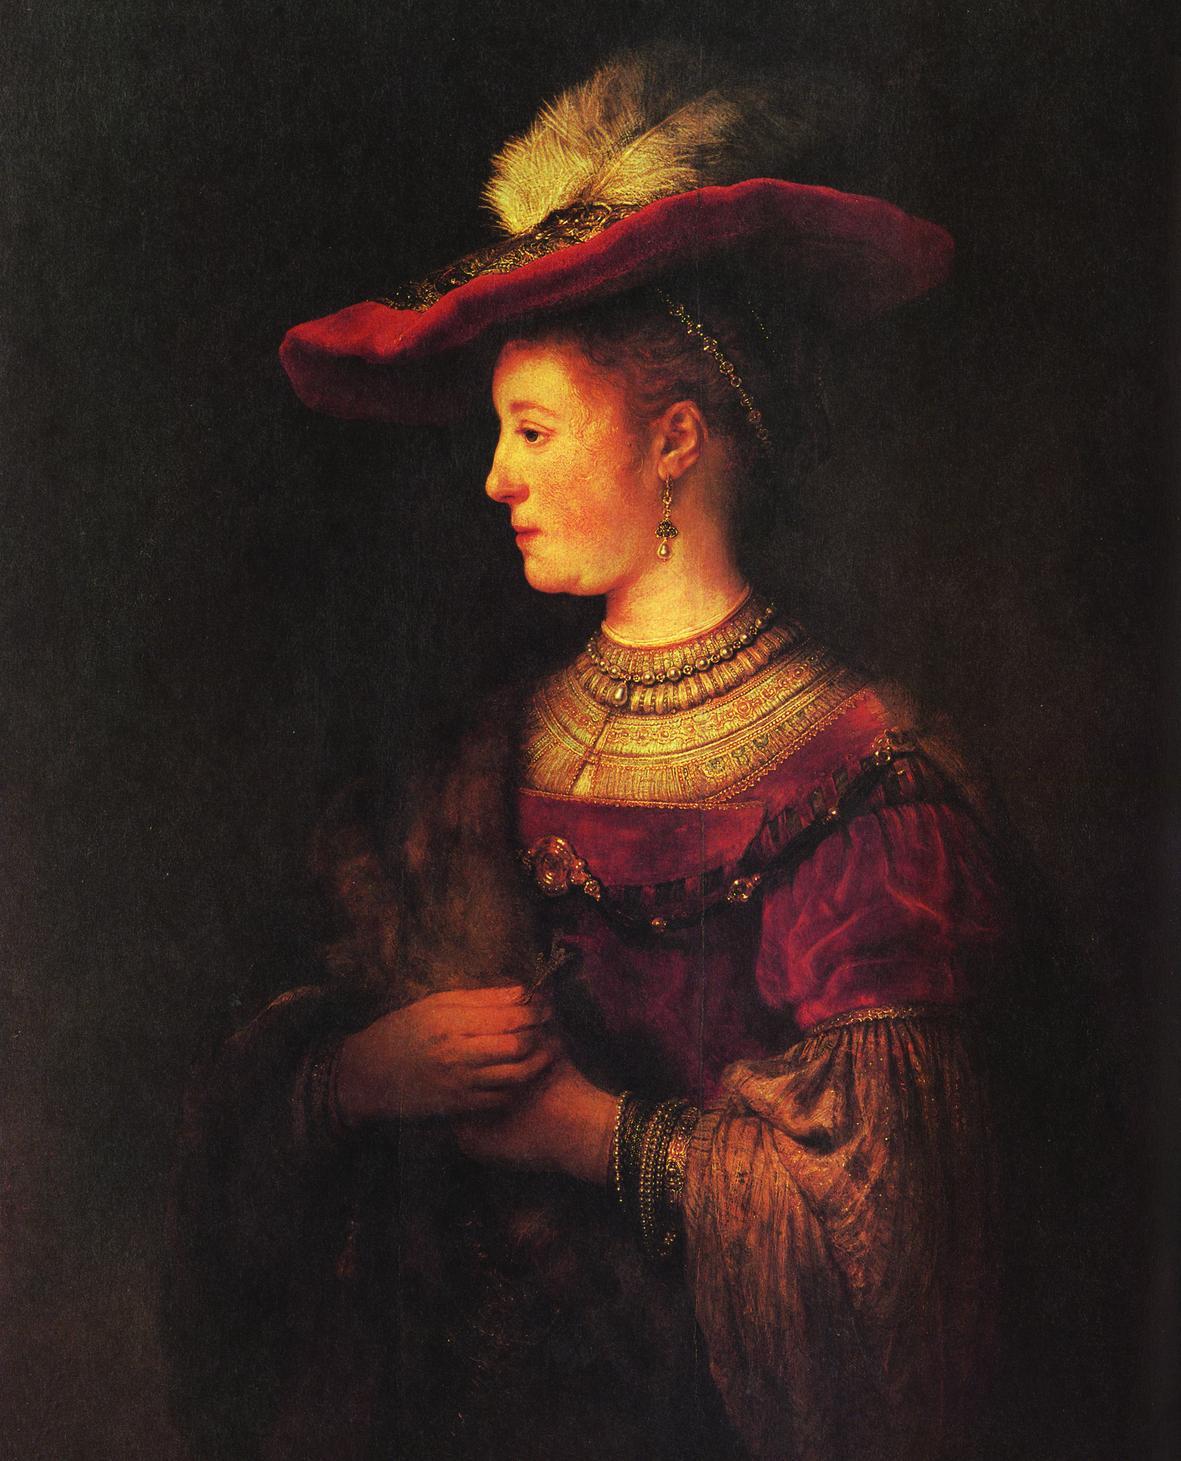 Рембрандт ван Рейн. Саския. 1634. Масло на дереве.  Кассельская художественная галерея. Германия